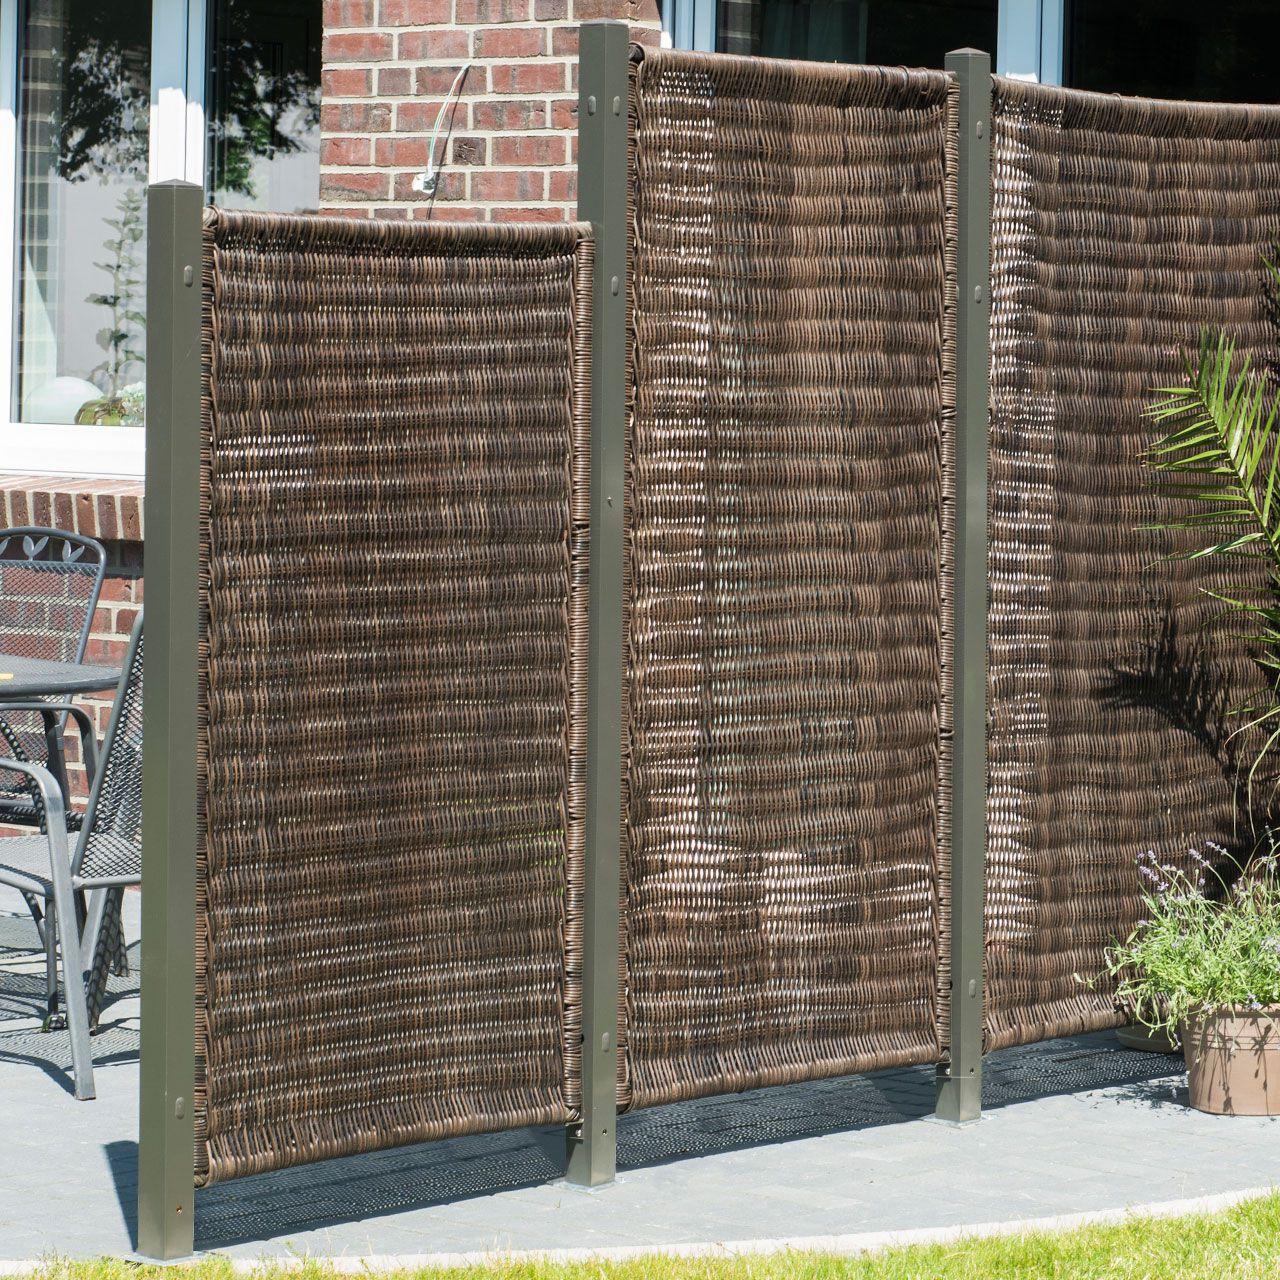 luxus balkon sichtschutz rattan einzigartige ideen zum sichtschutz. Black Bedroom Furniture Sets. Home Design Ideas